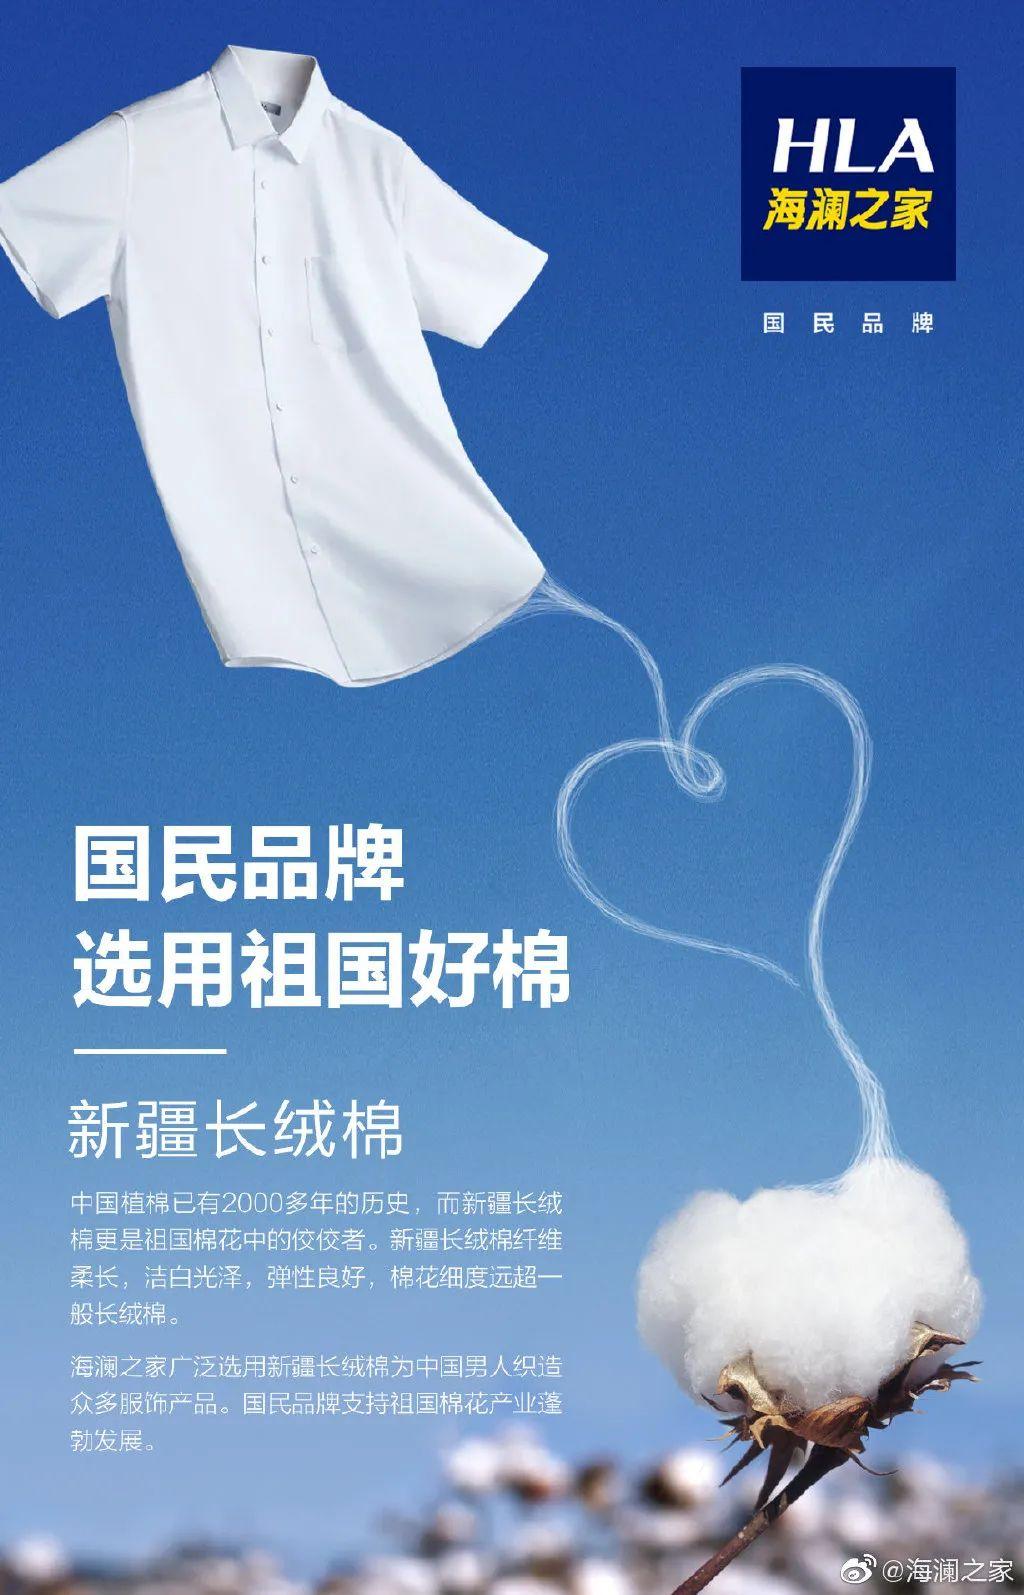 借势支持新疆棉花文案!国产品牌文案欣赏:新疆棉在身,中国情在心!插图3